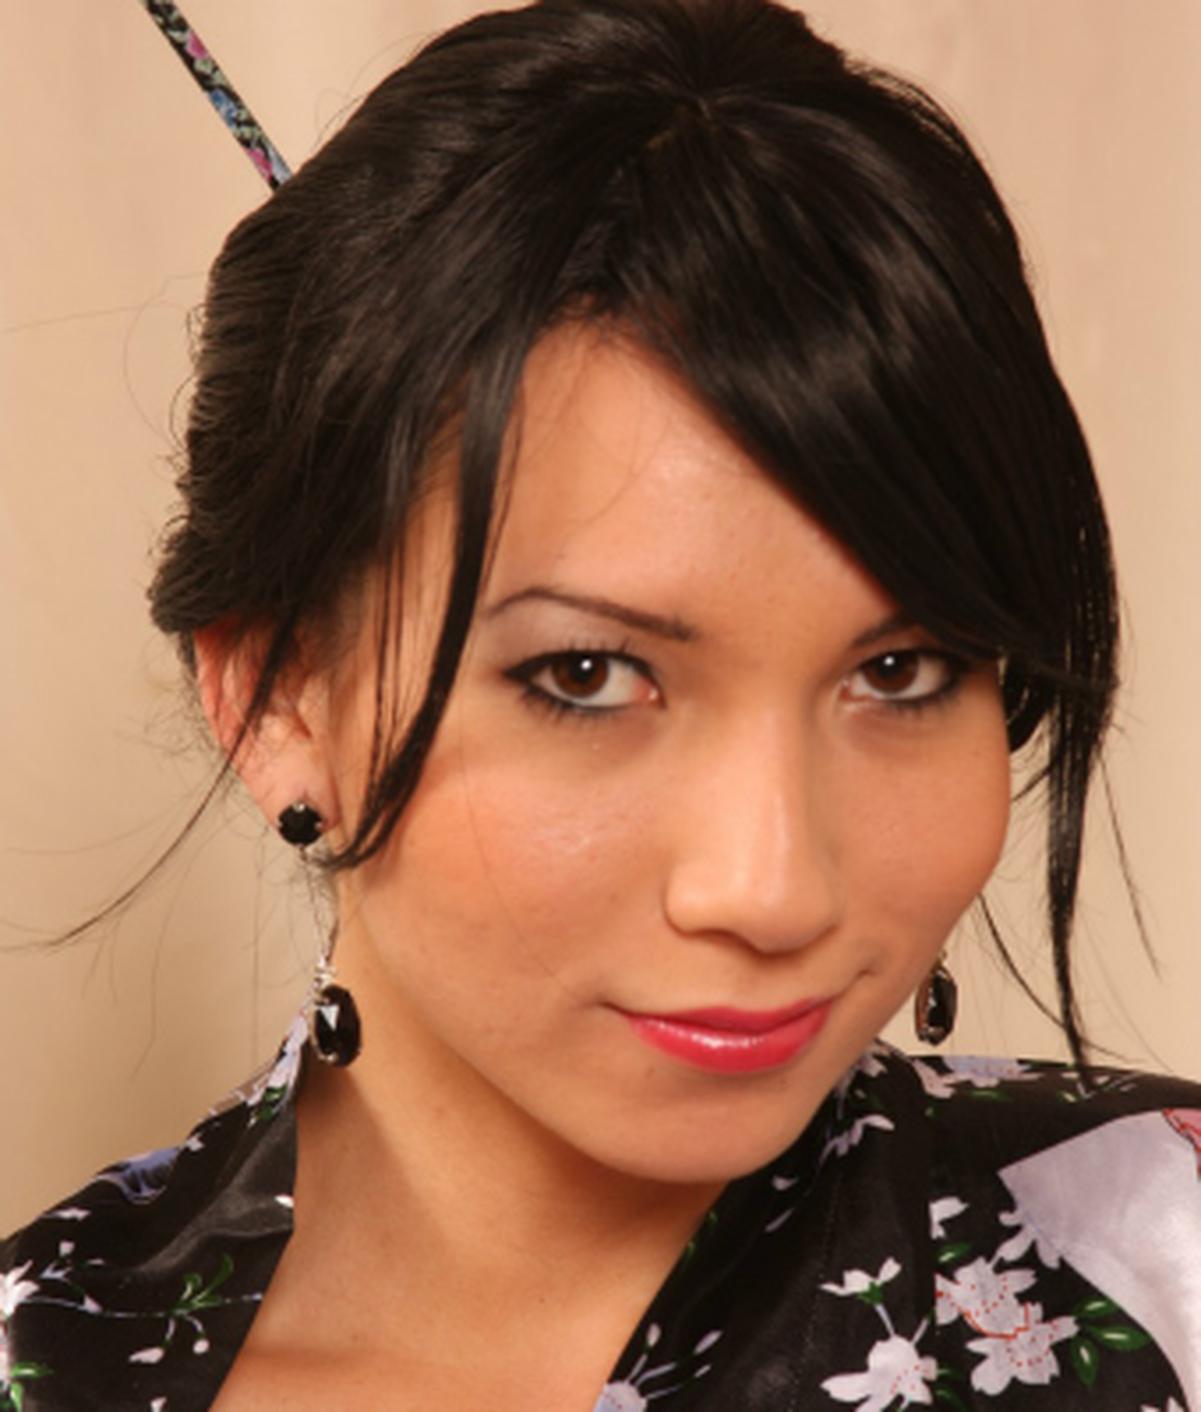 Sabrina Kamoei